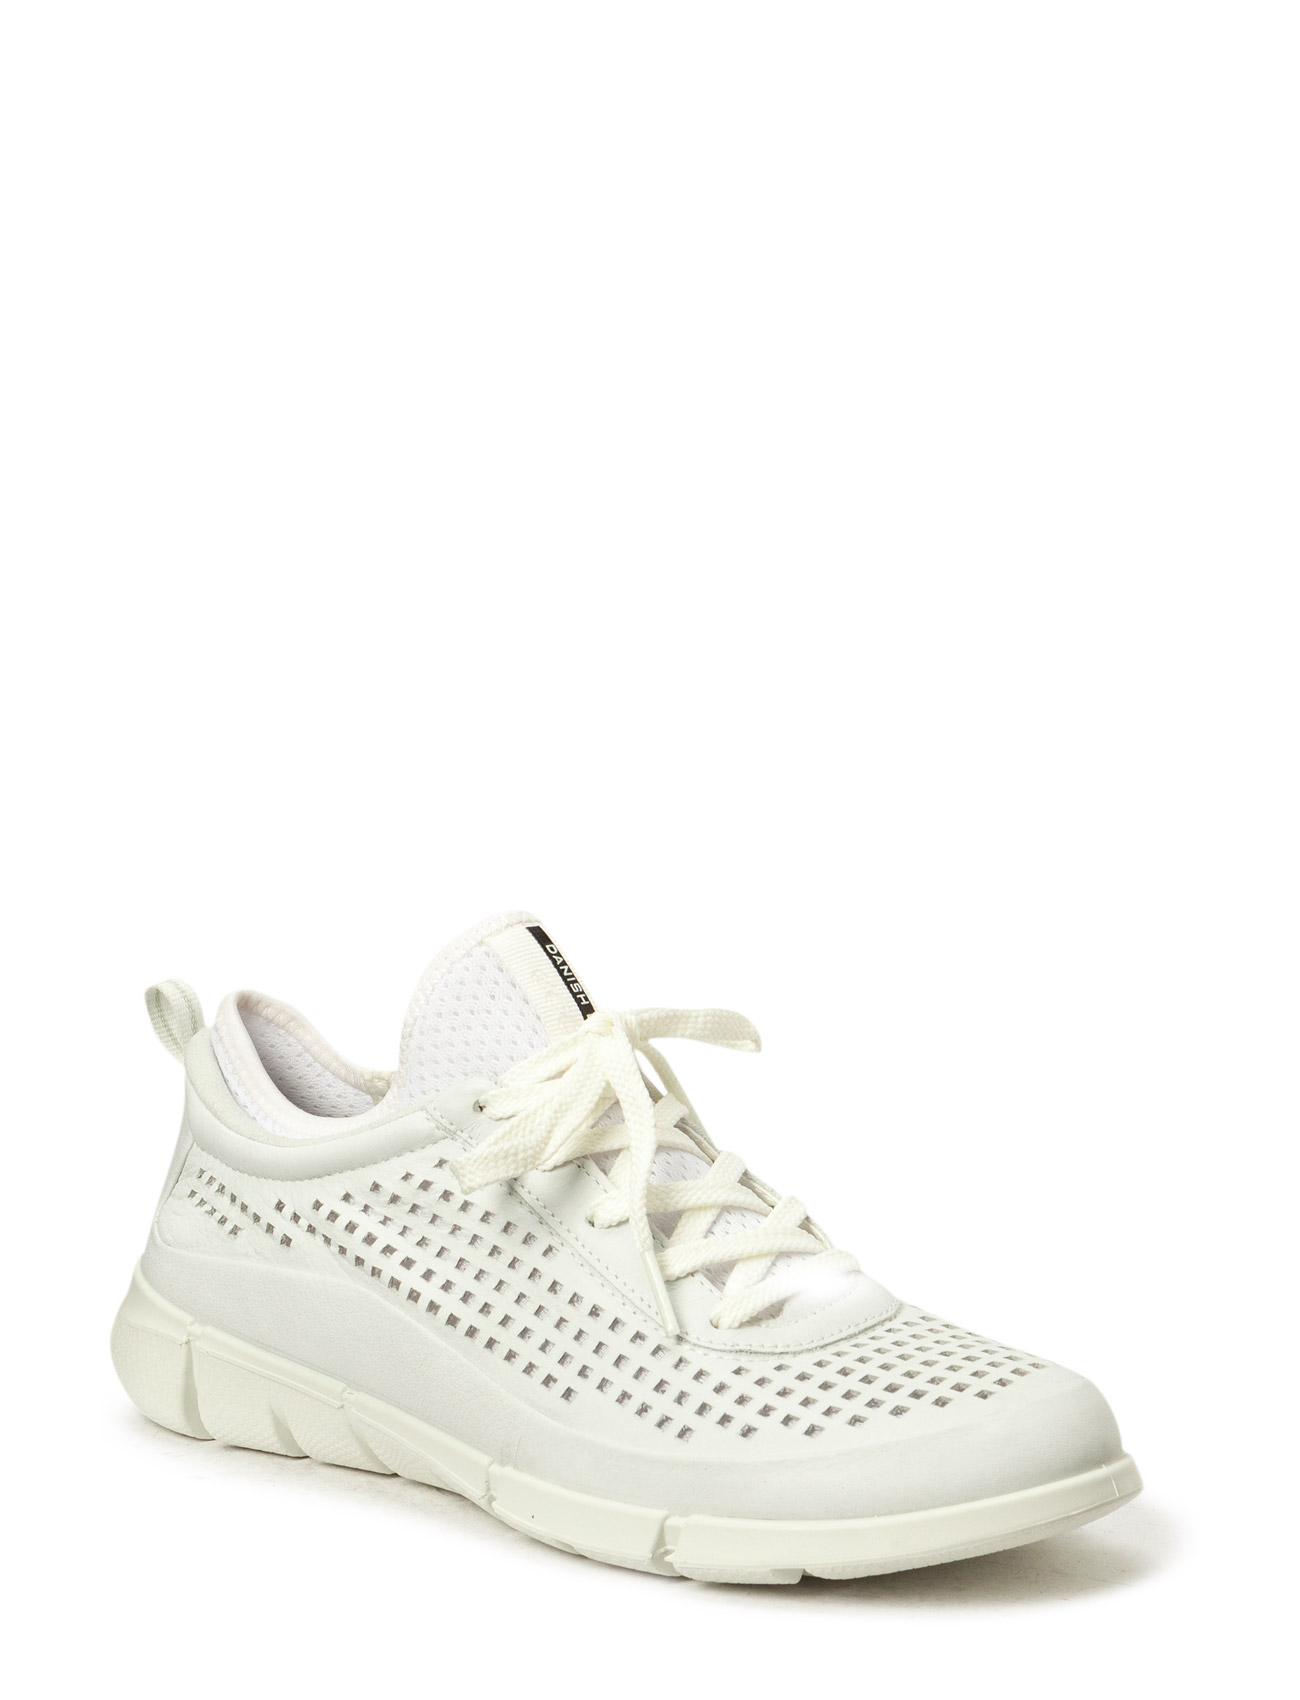 Intrinsic Ladies ECCO Sneakers til Kvinder i Sort